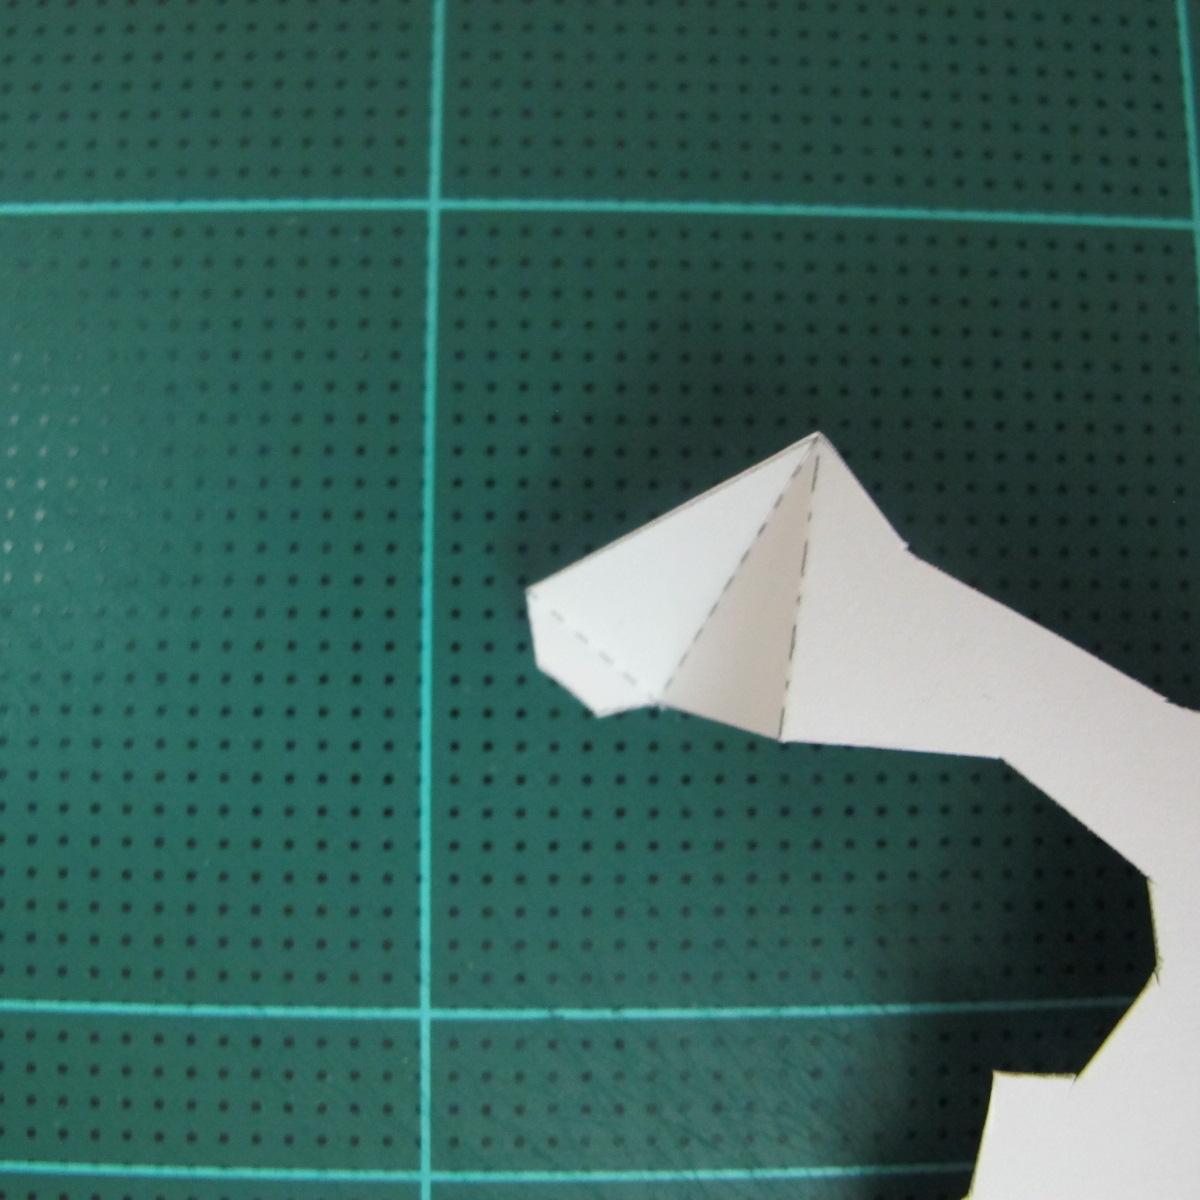 วิธีทำโมเดลกระดาษ ตุ้กตาไลน์ หมีบราวน์ ถือพลั่ว (Line Brown Bear With Shovel Papercraft Model -「シャベル」と「ブラウン」) 004